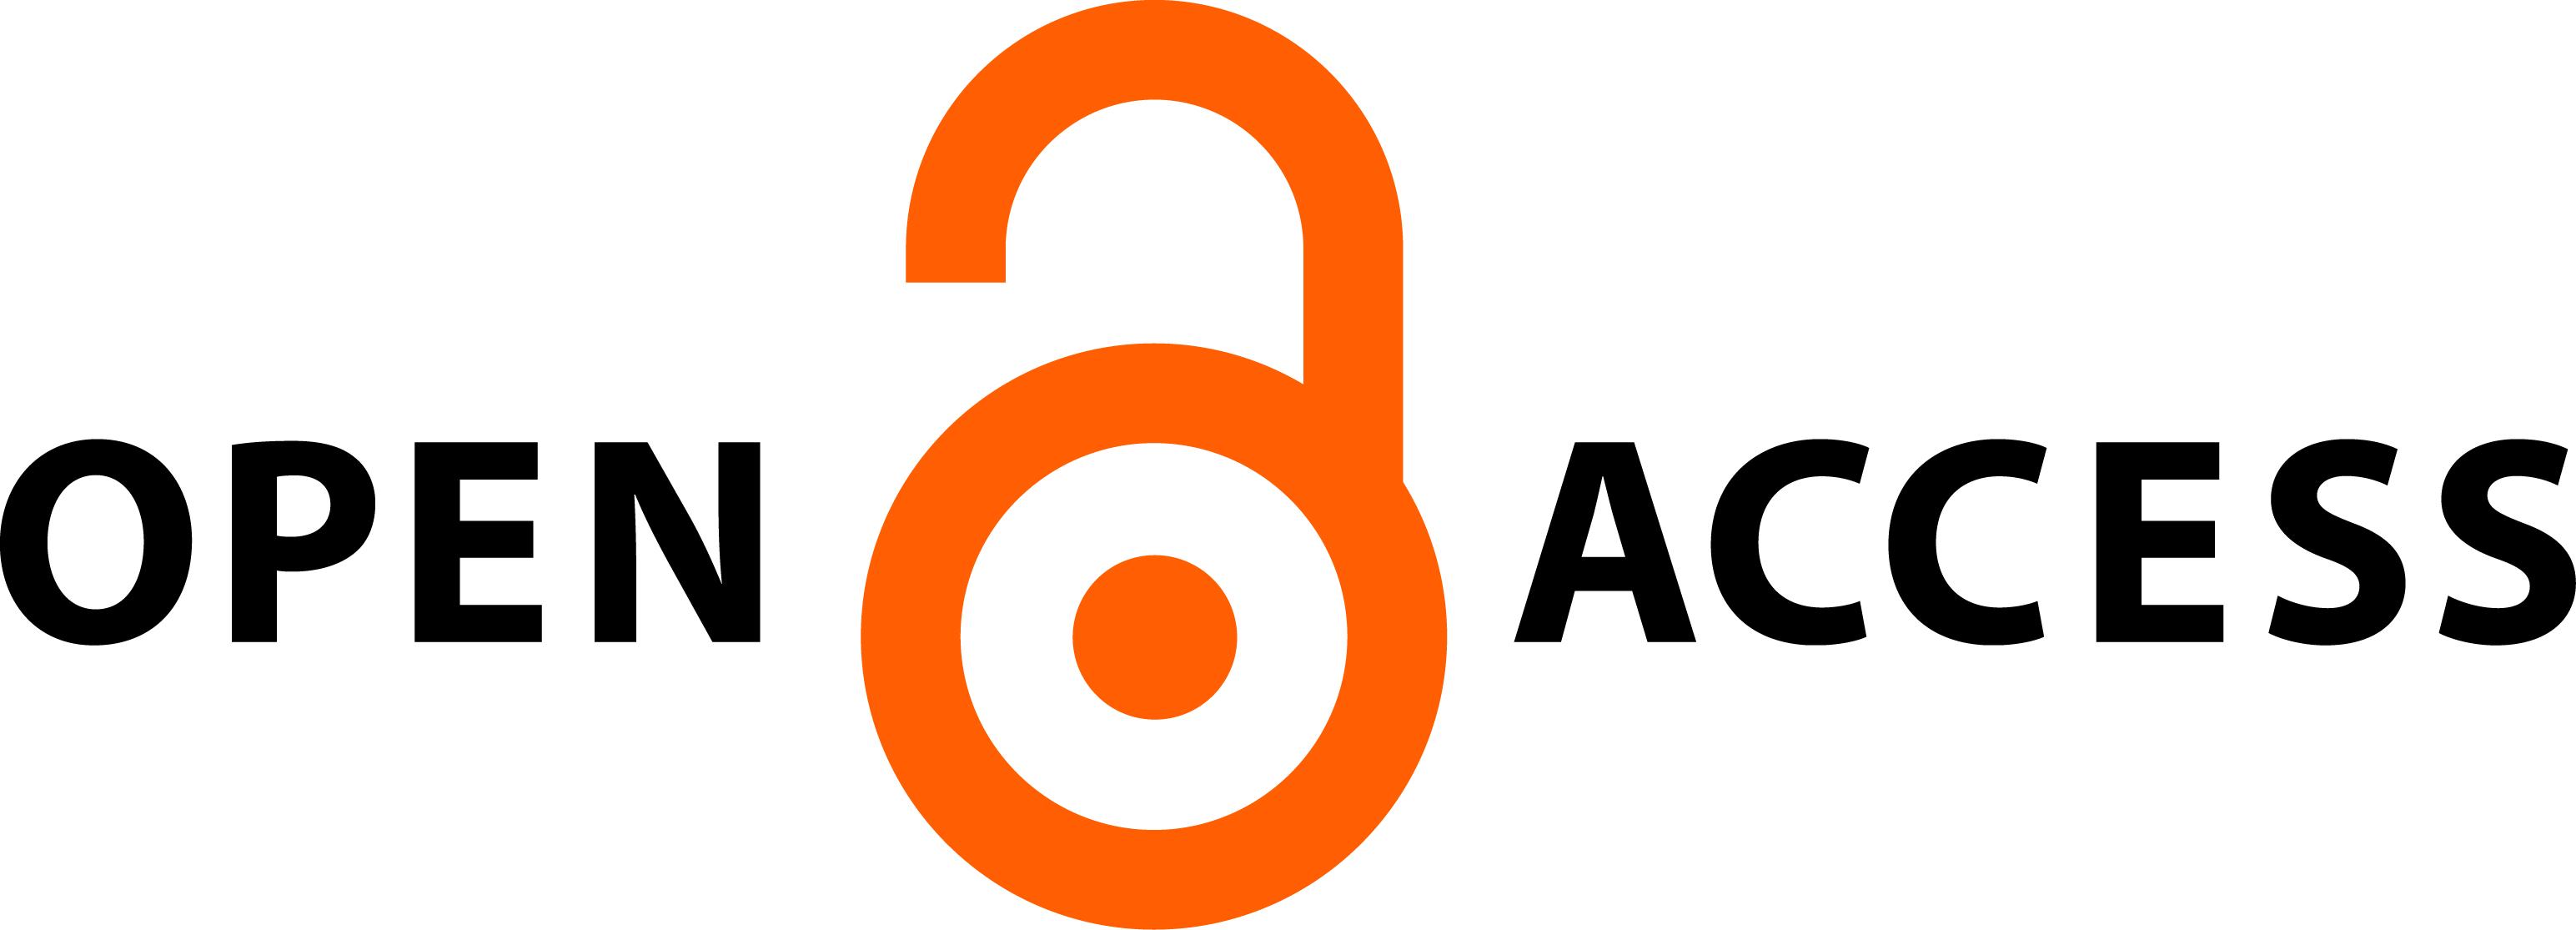 Logo del movimiento Open Acces (Acceso Abierto)